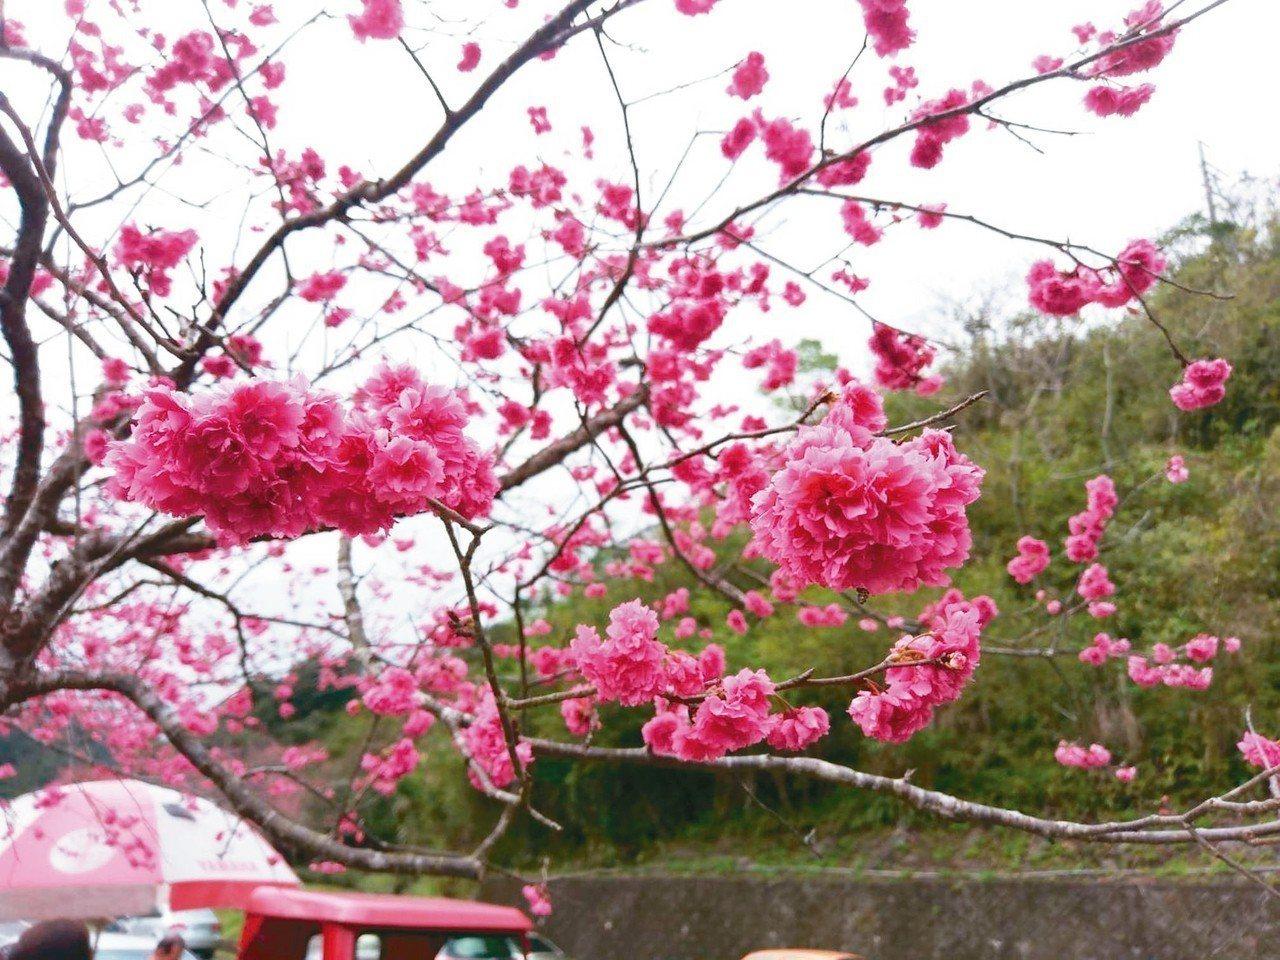 宜蘭三星與大同段的台七丙線被稱為「櫻花公路」,沿途2萬多棵櫻花綻放,滿路都是花樹...